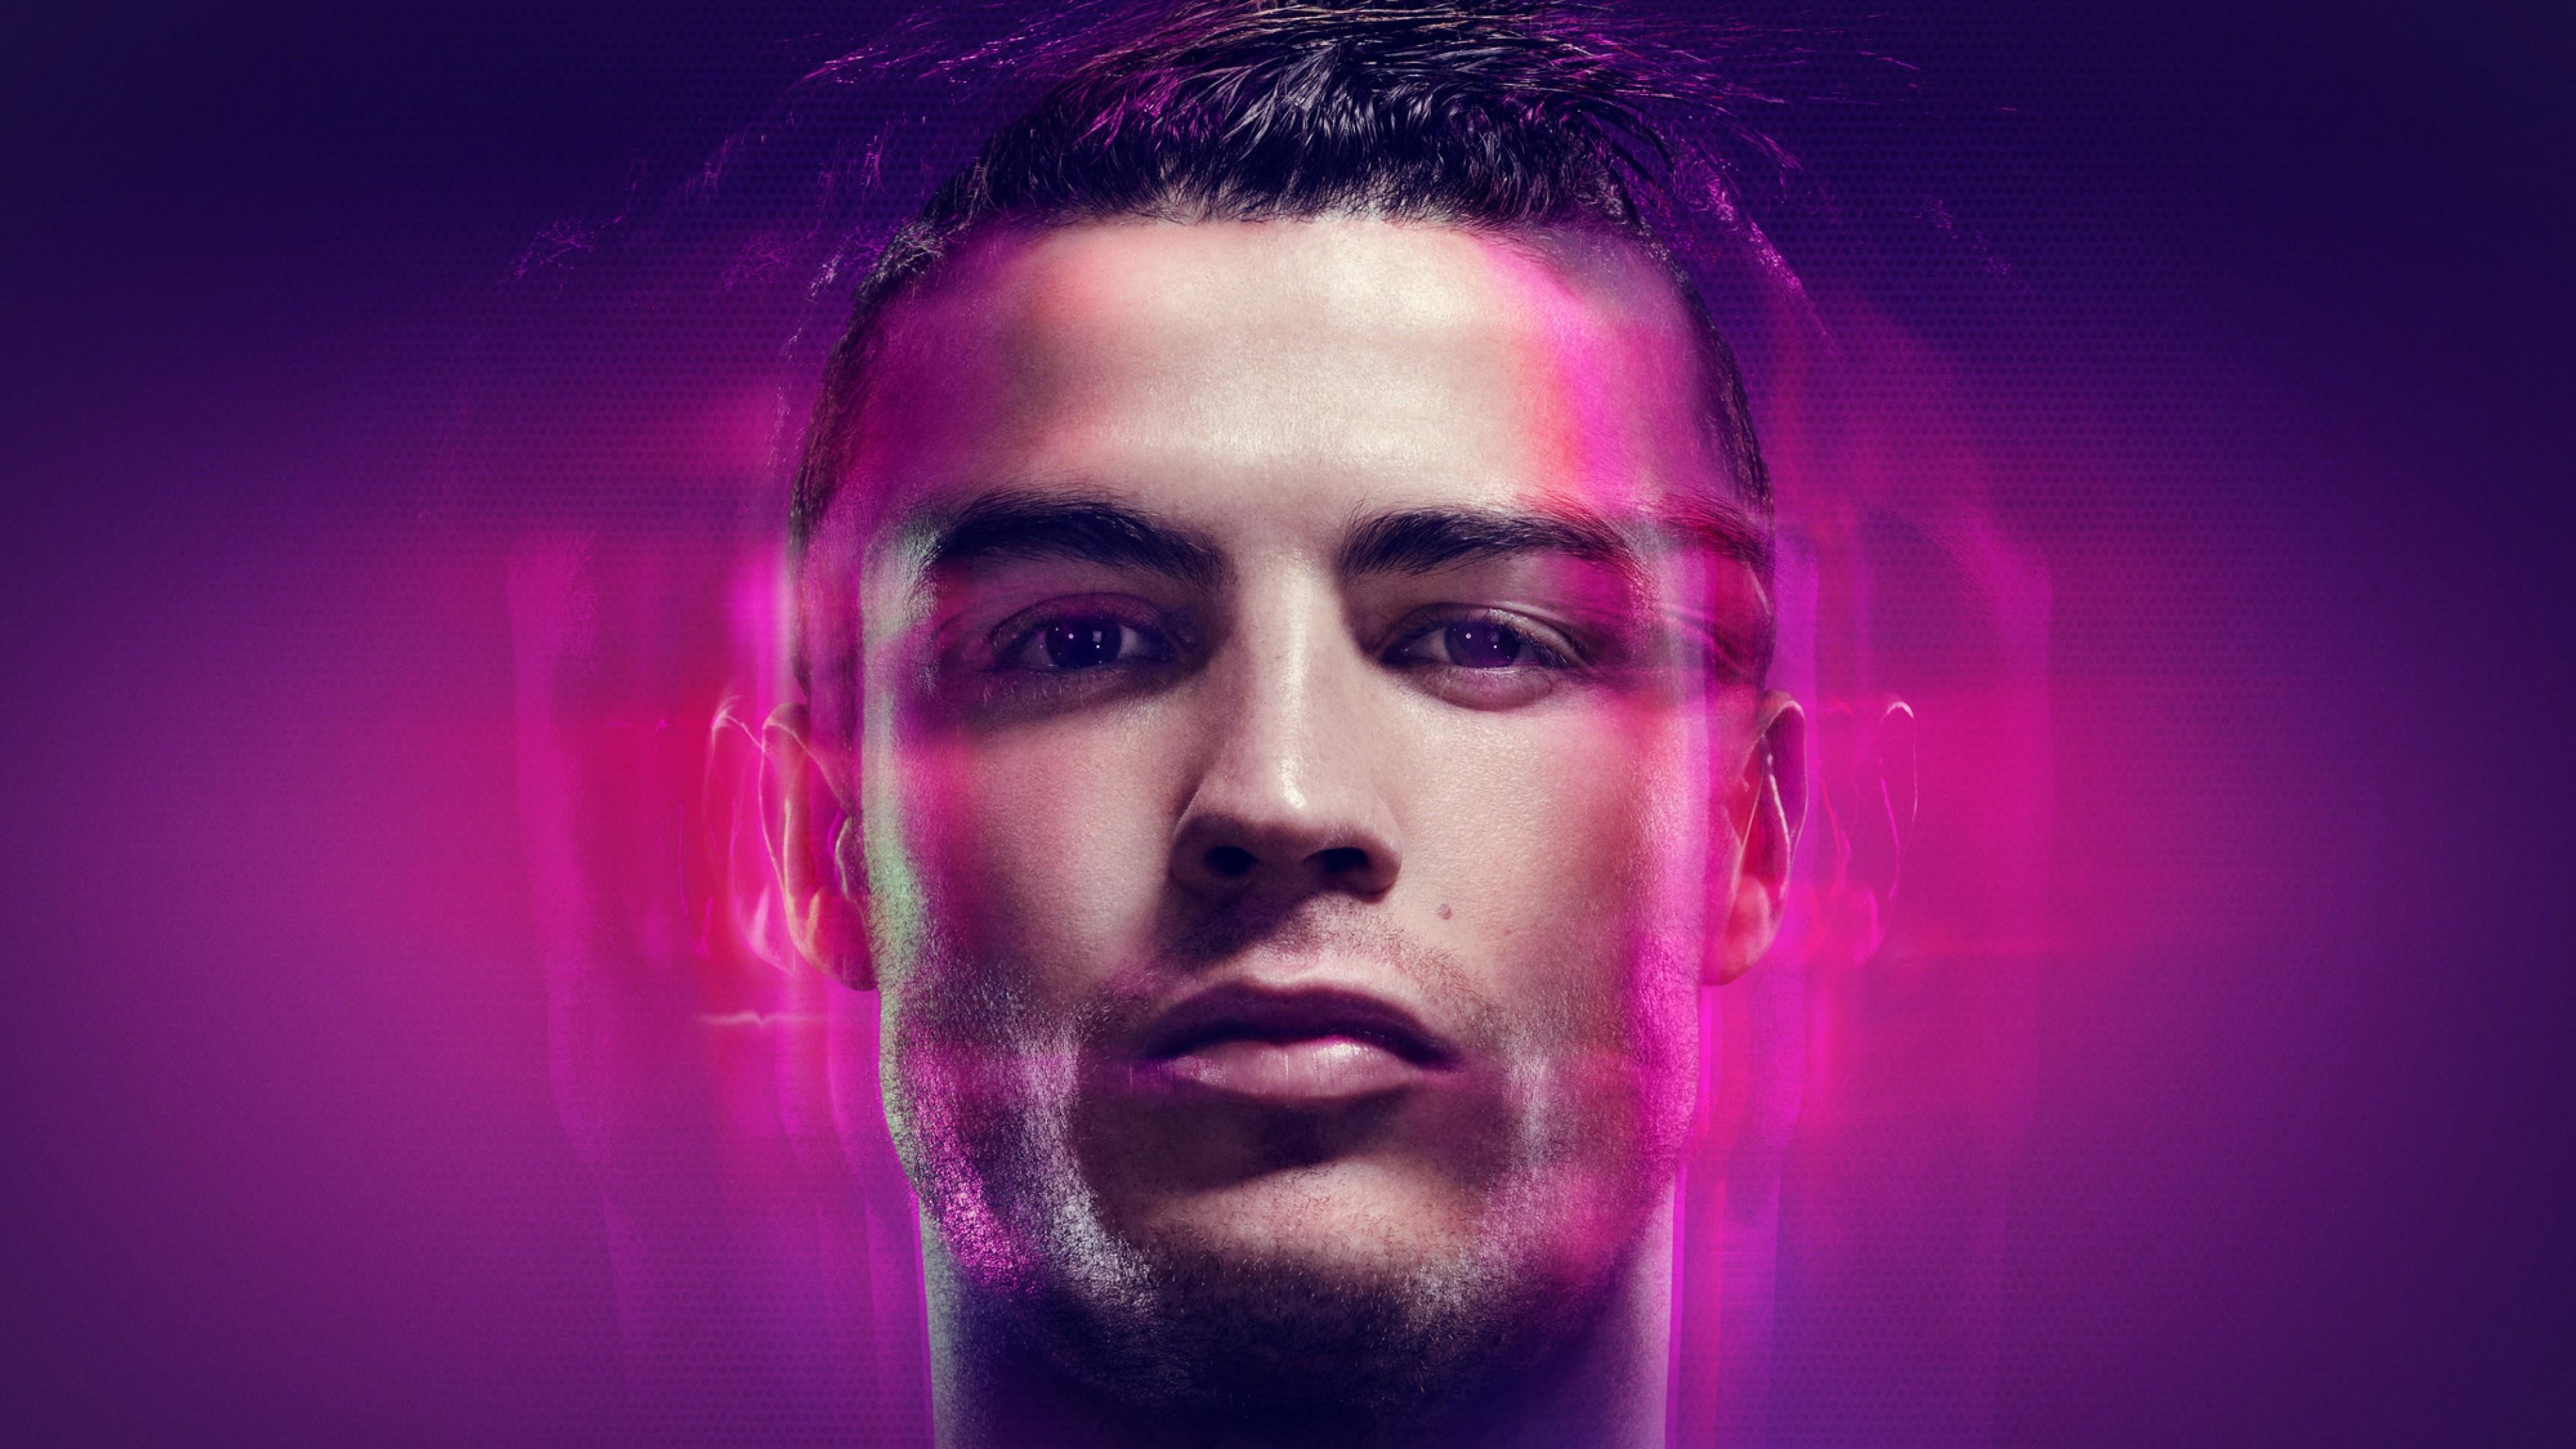 Cristiano Ronaldo 2017 Wallpaper